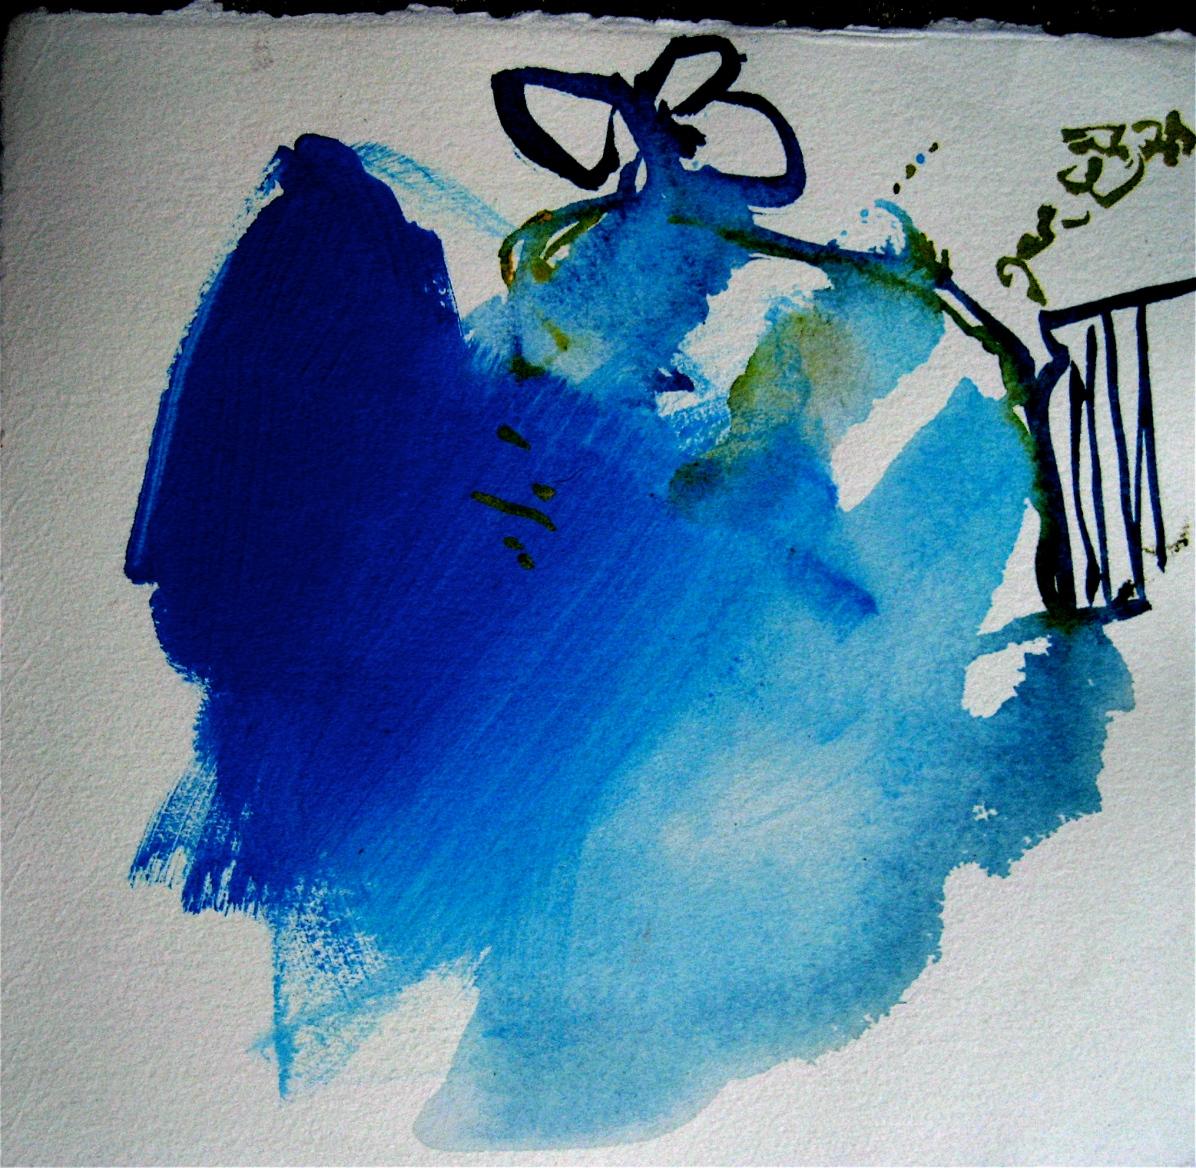 Windenblau